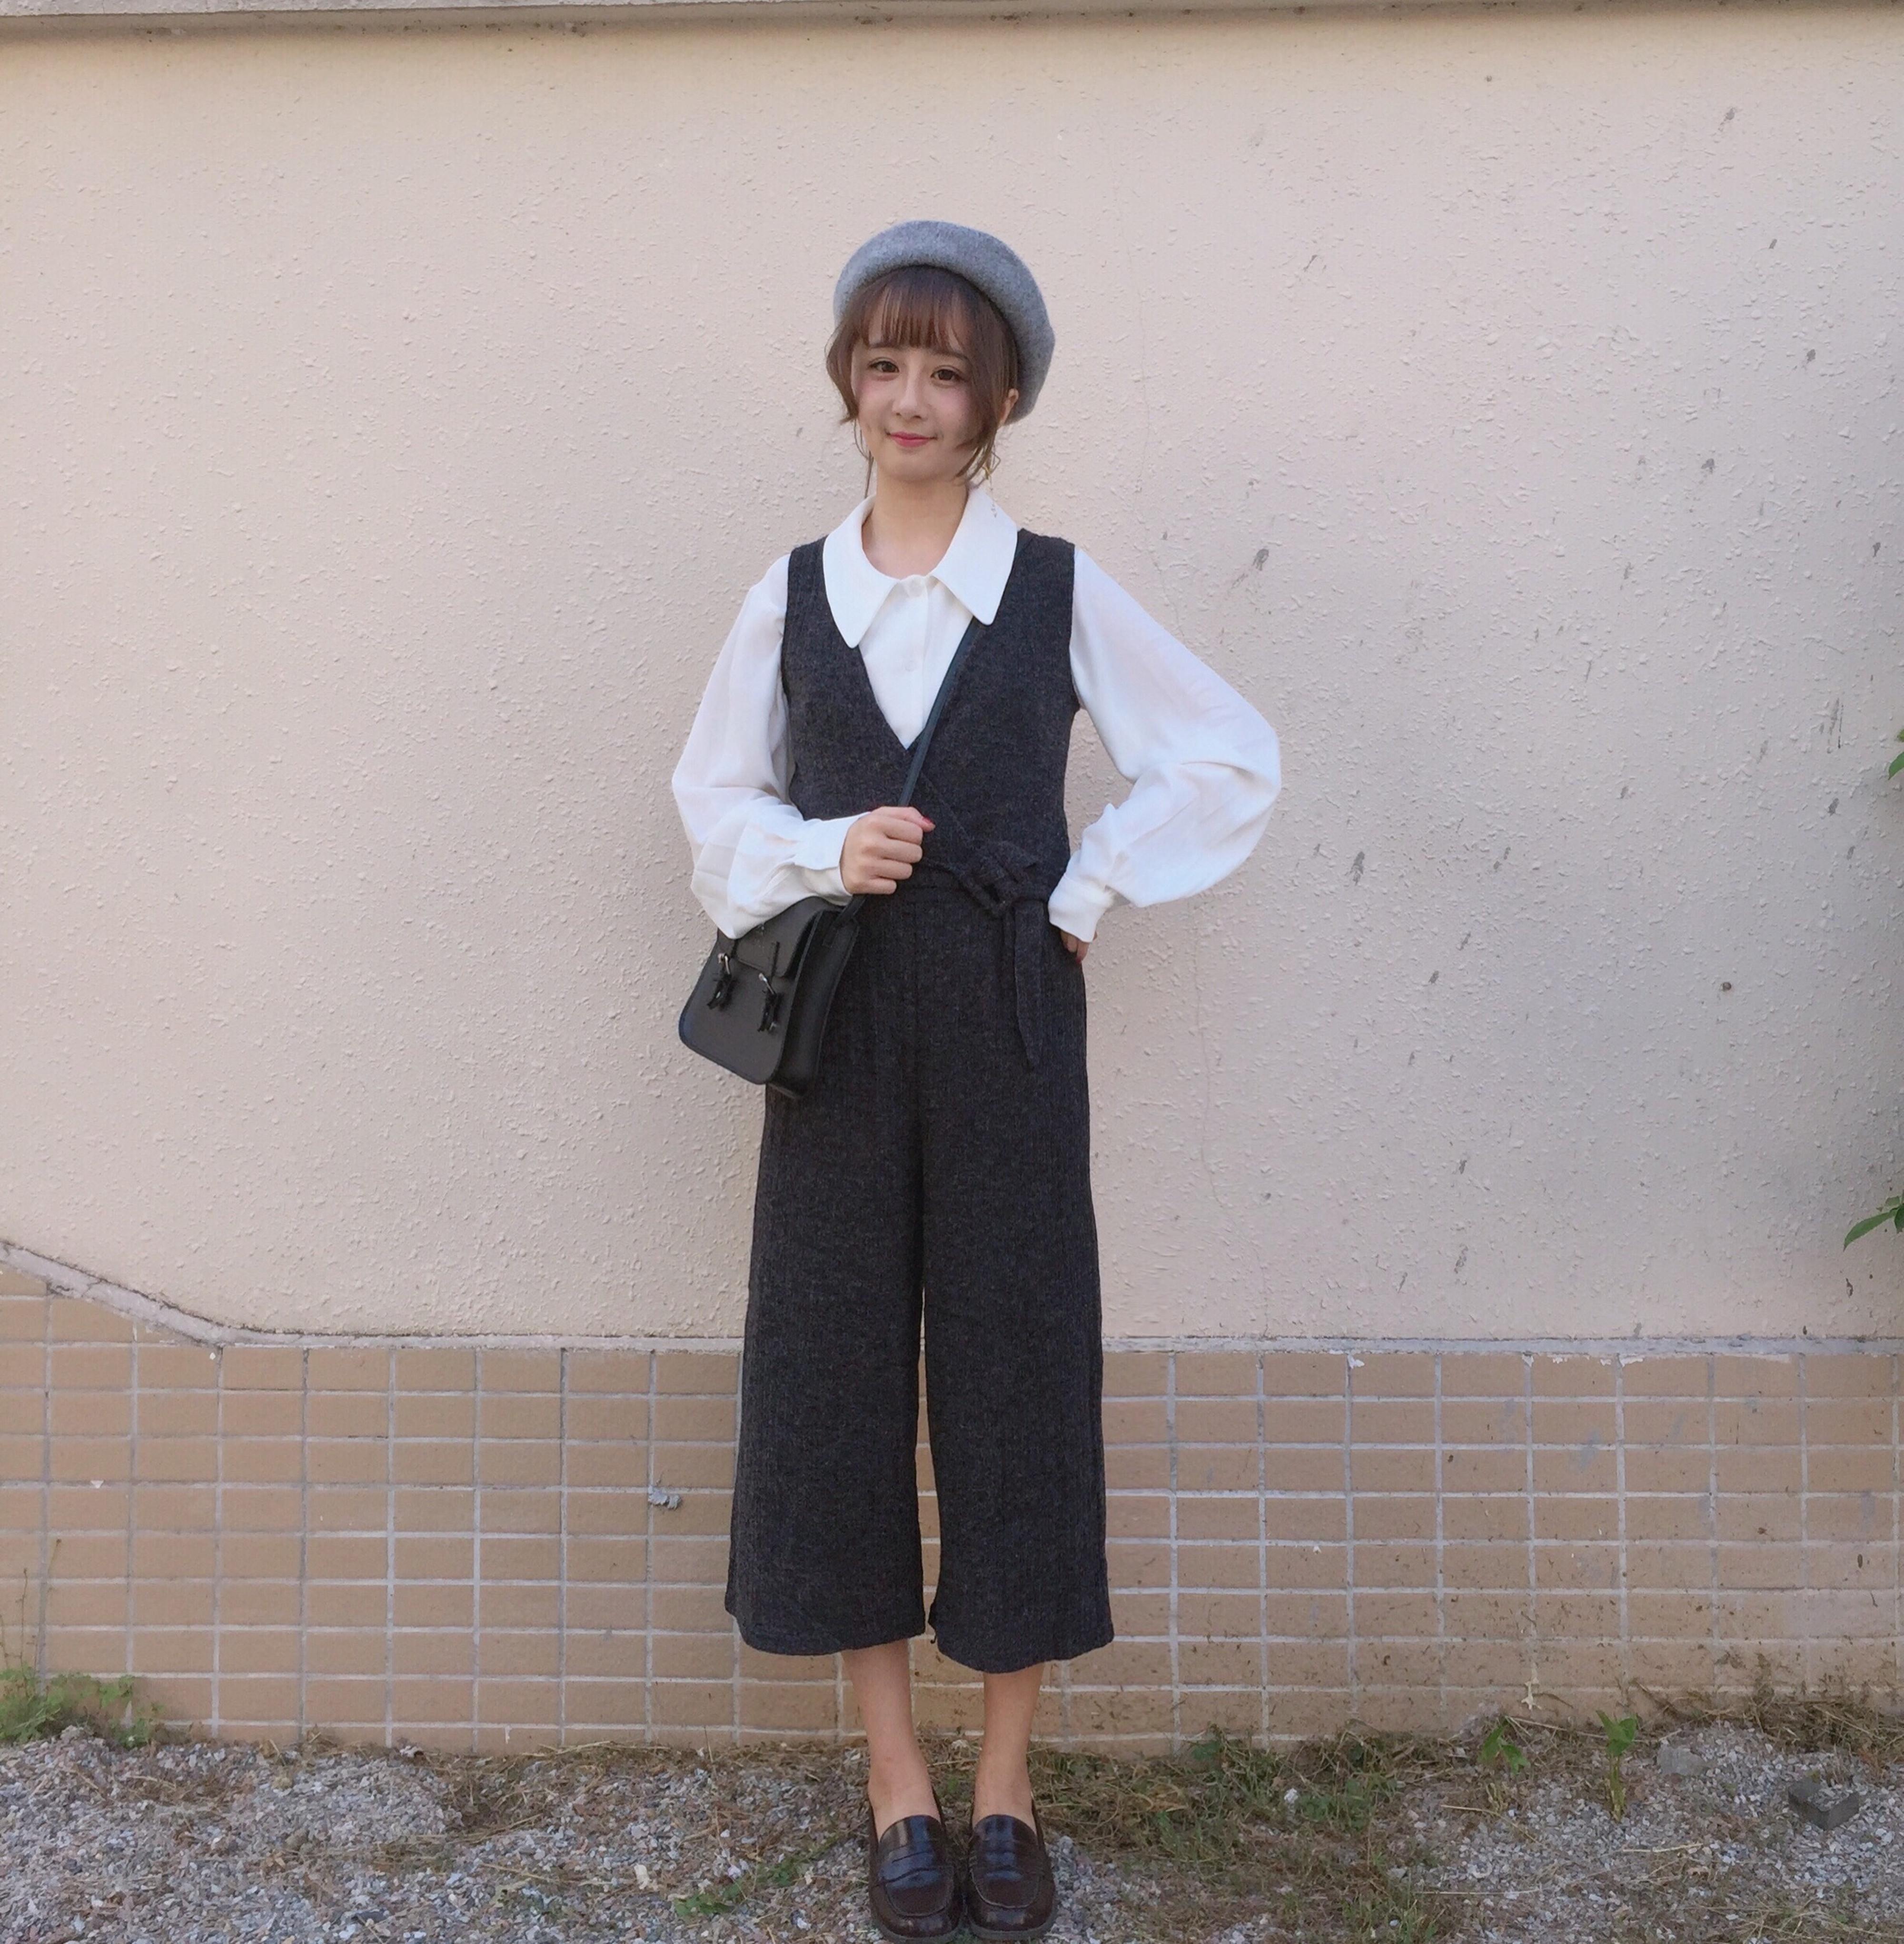 秋装新款韩版时尚气质前后深V领弹力系带显瘦阔腿裤背带连体裤女